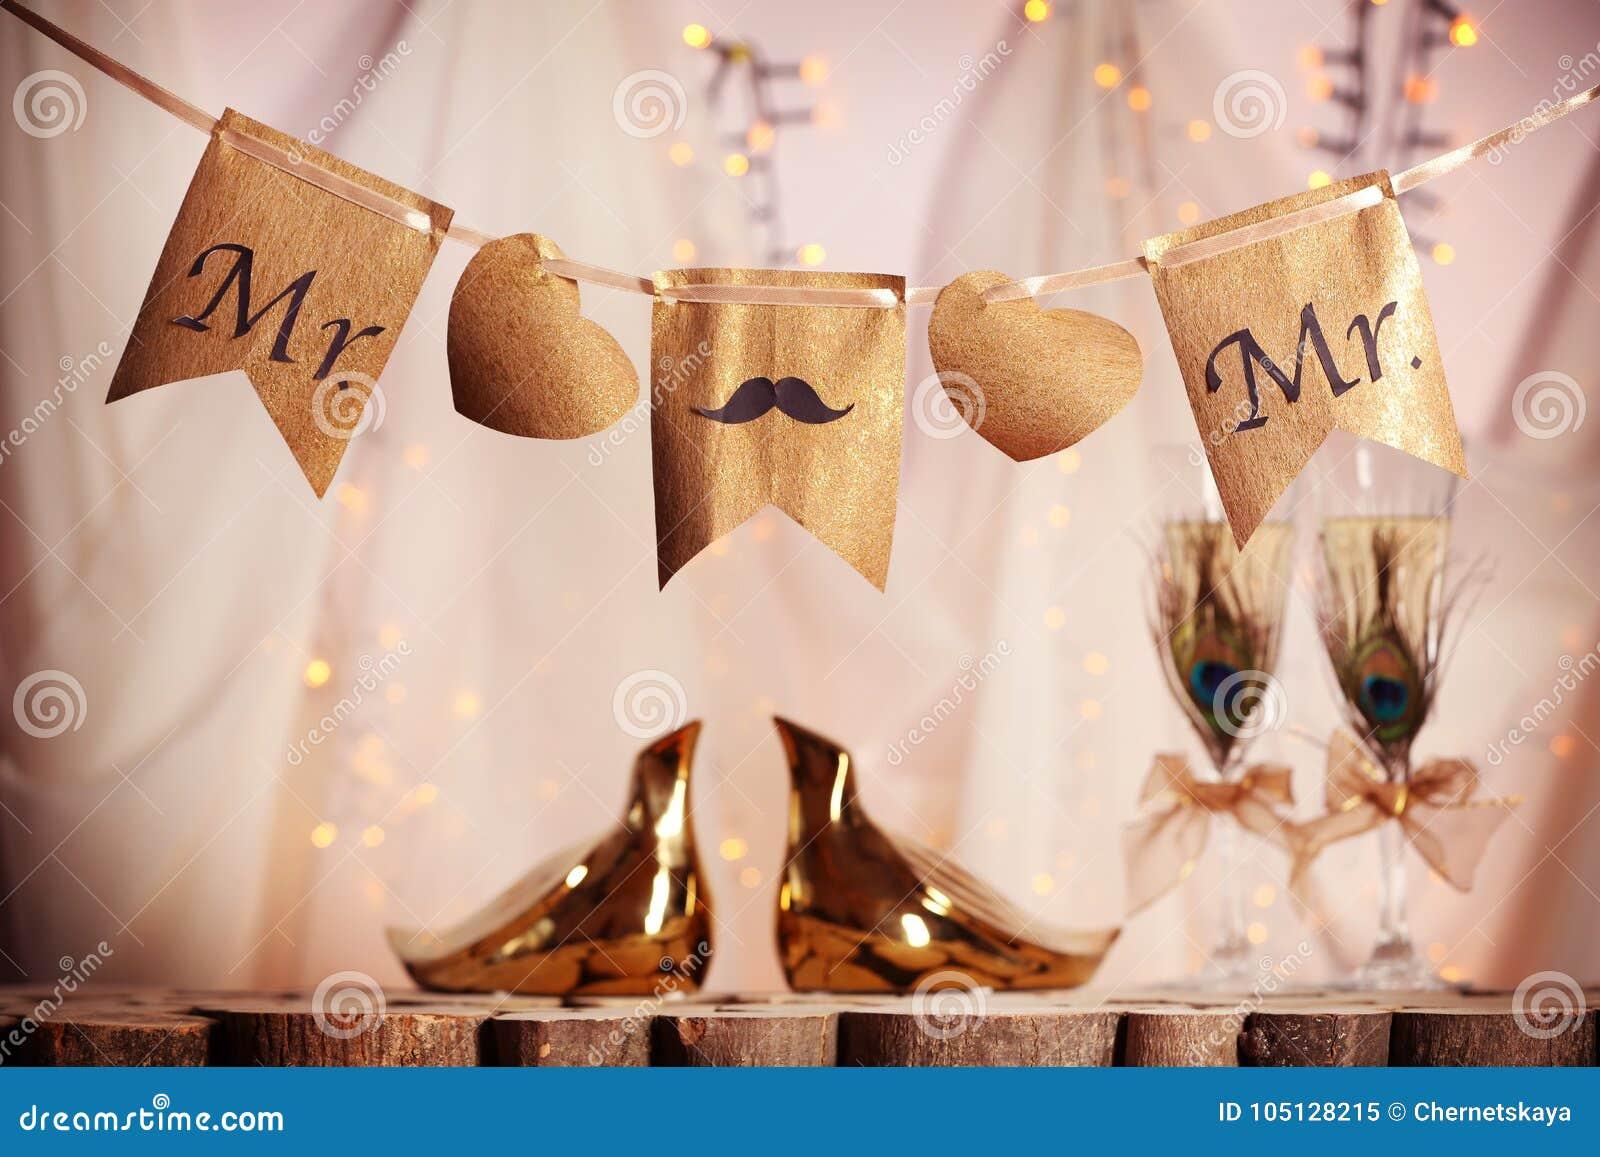 Decoratie voor vrolijk huwelijk